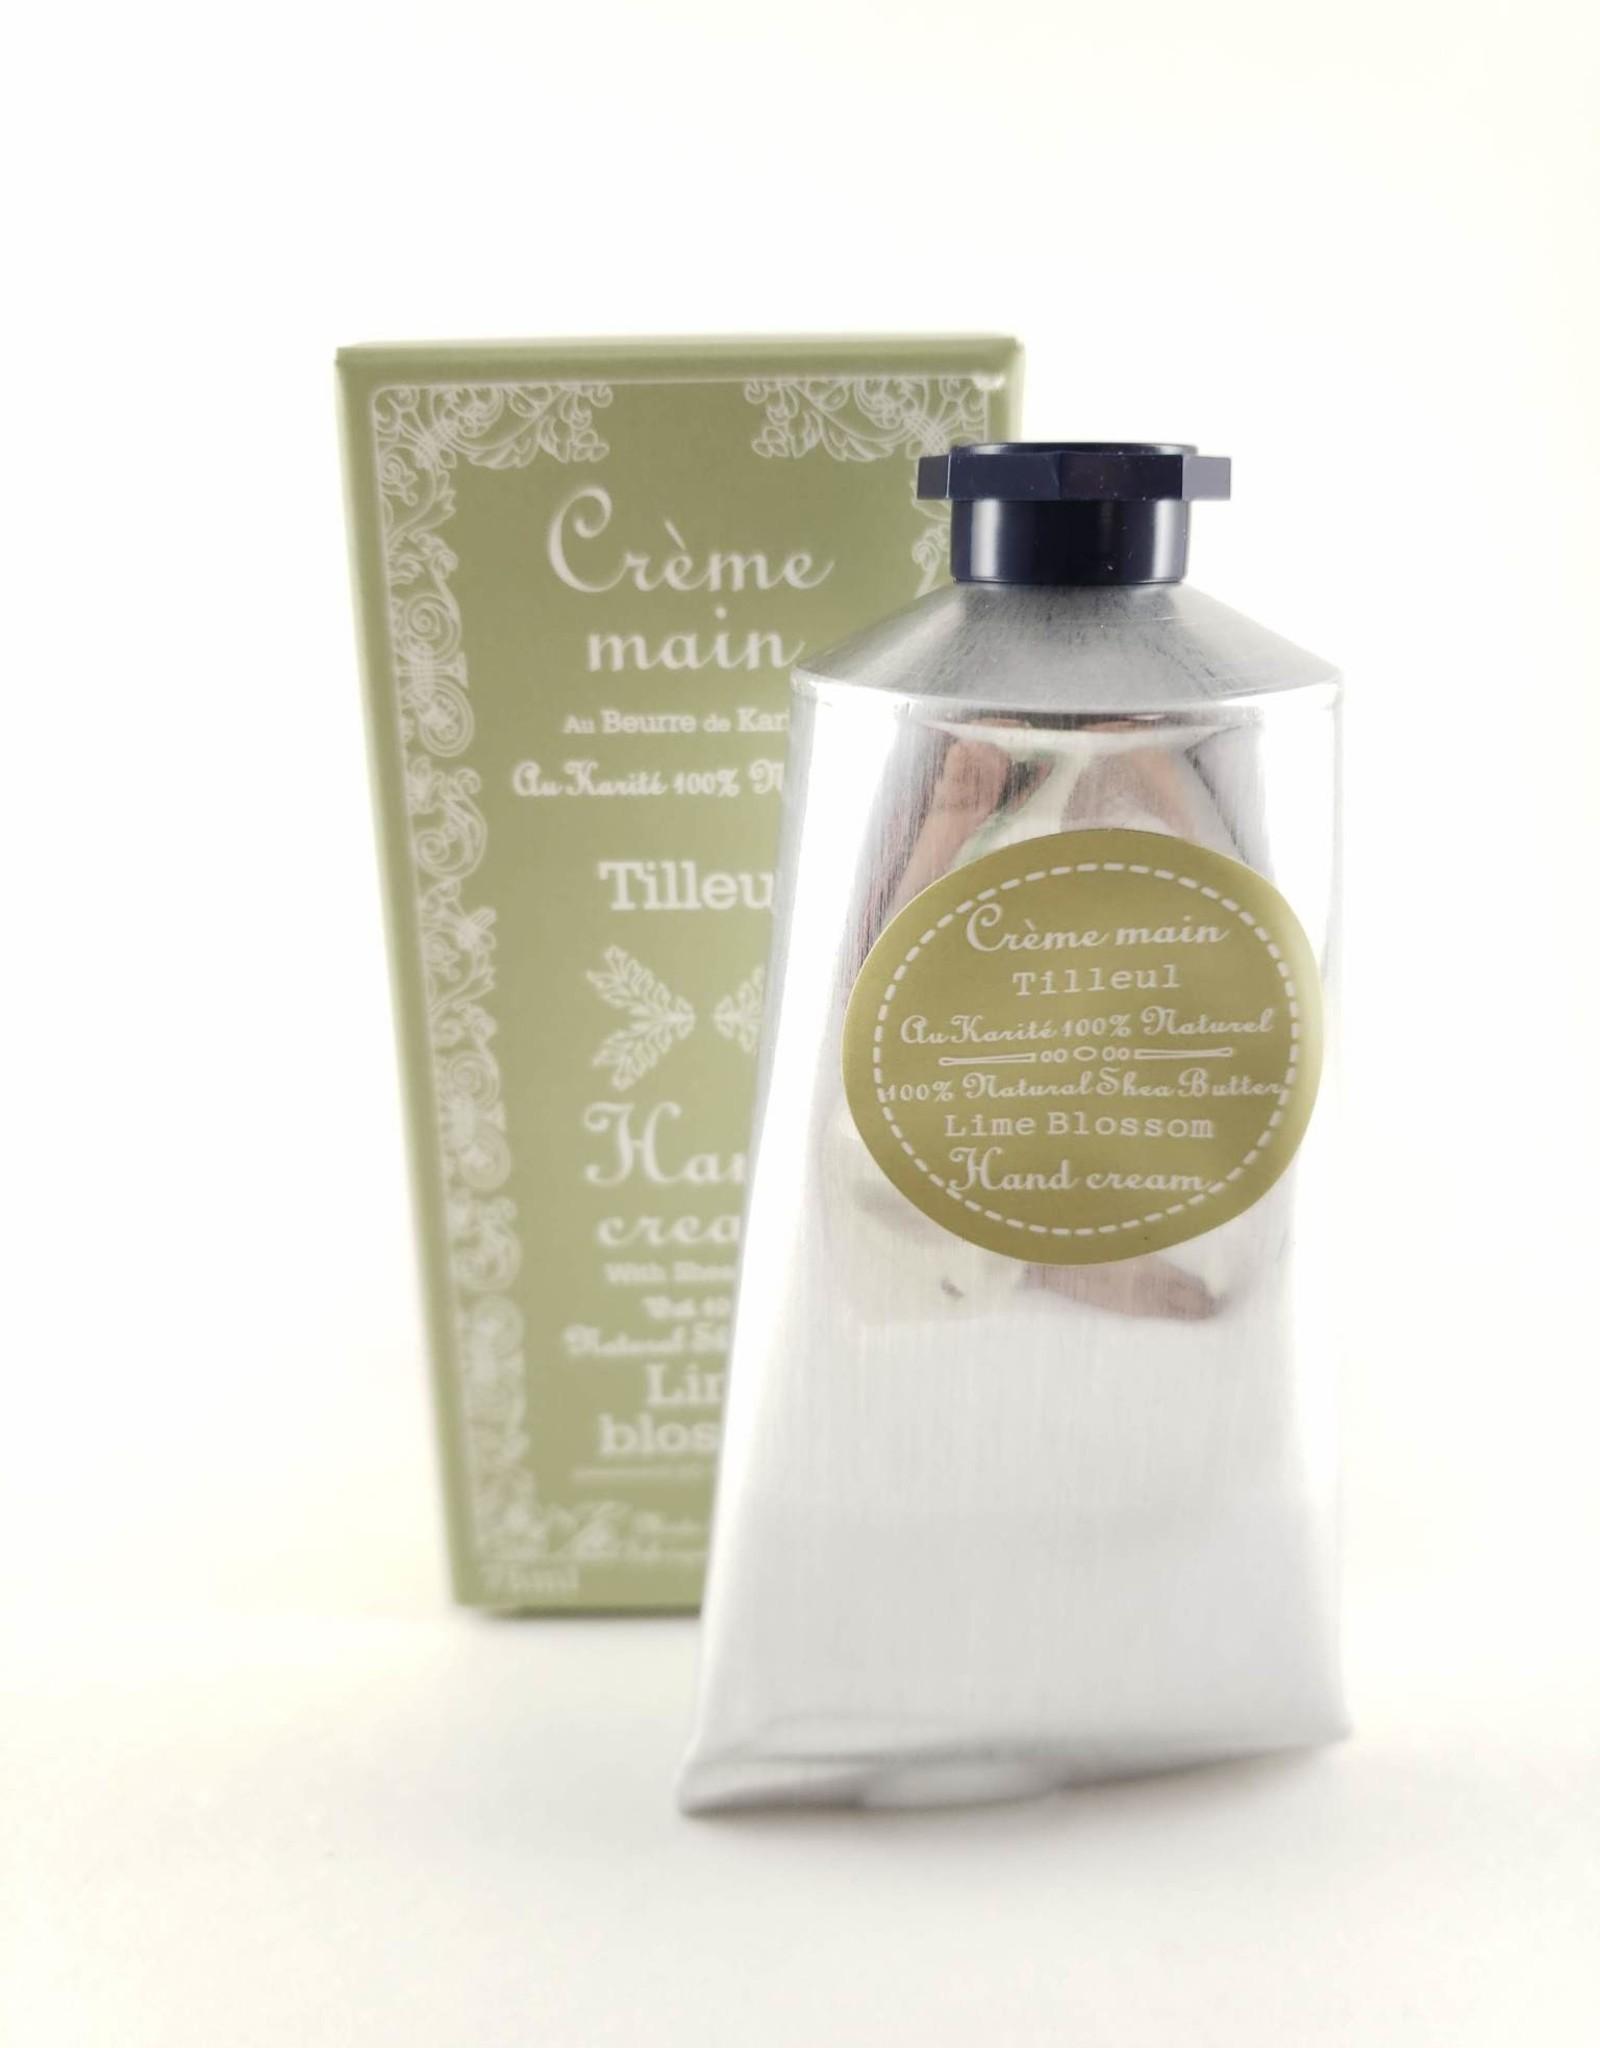 Lime Blossom 75ml Hand Cream